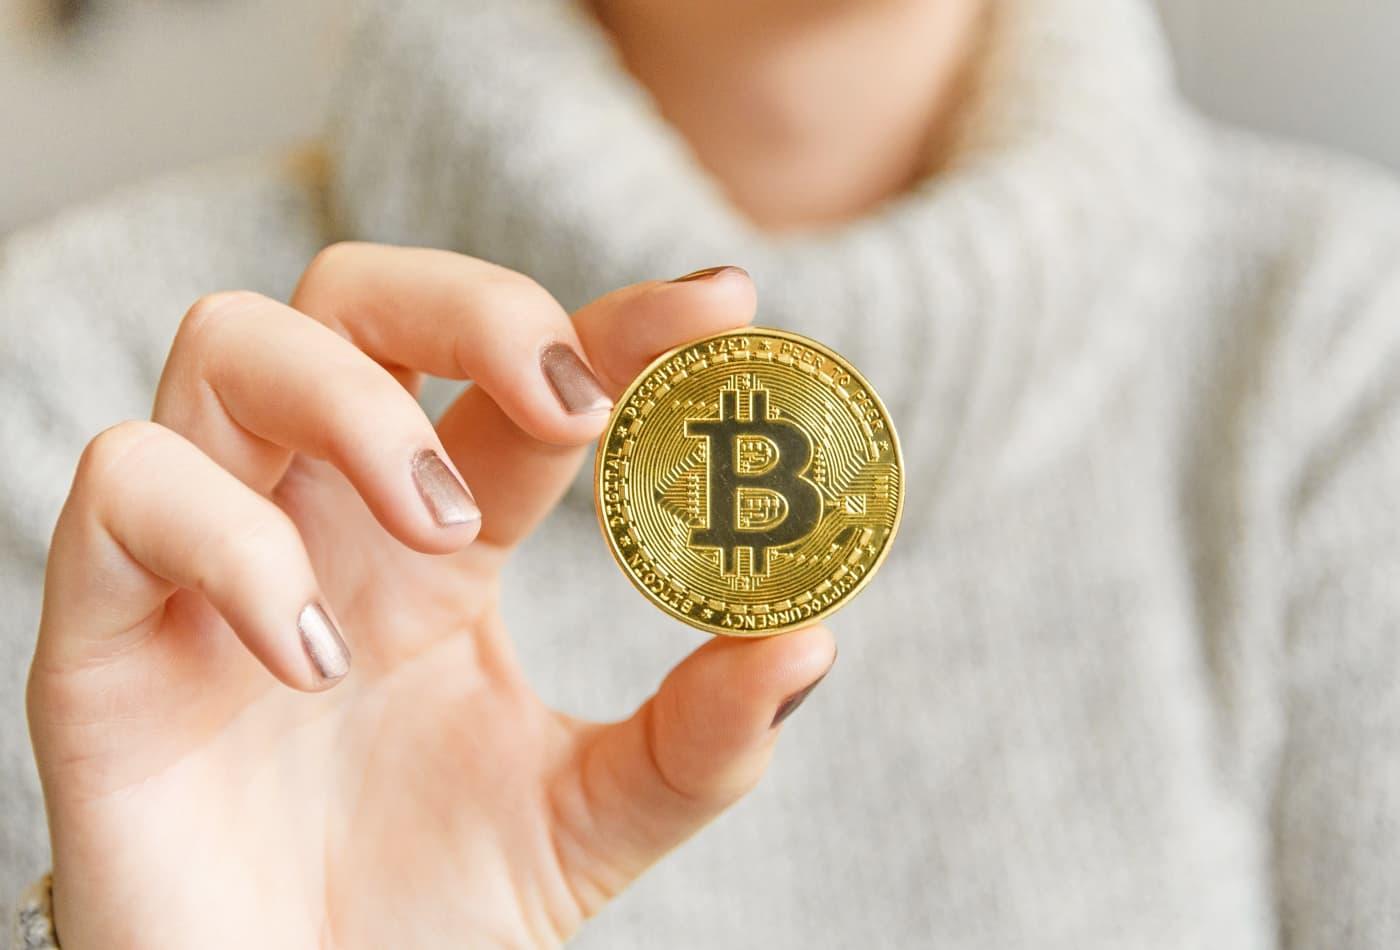 Bir Bitcoin (Bitkoin) ne kadar, kaç TL, kaç dolar? Bitcoin bugün ne kadar oldu 23 Mart 2021 Salı